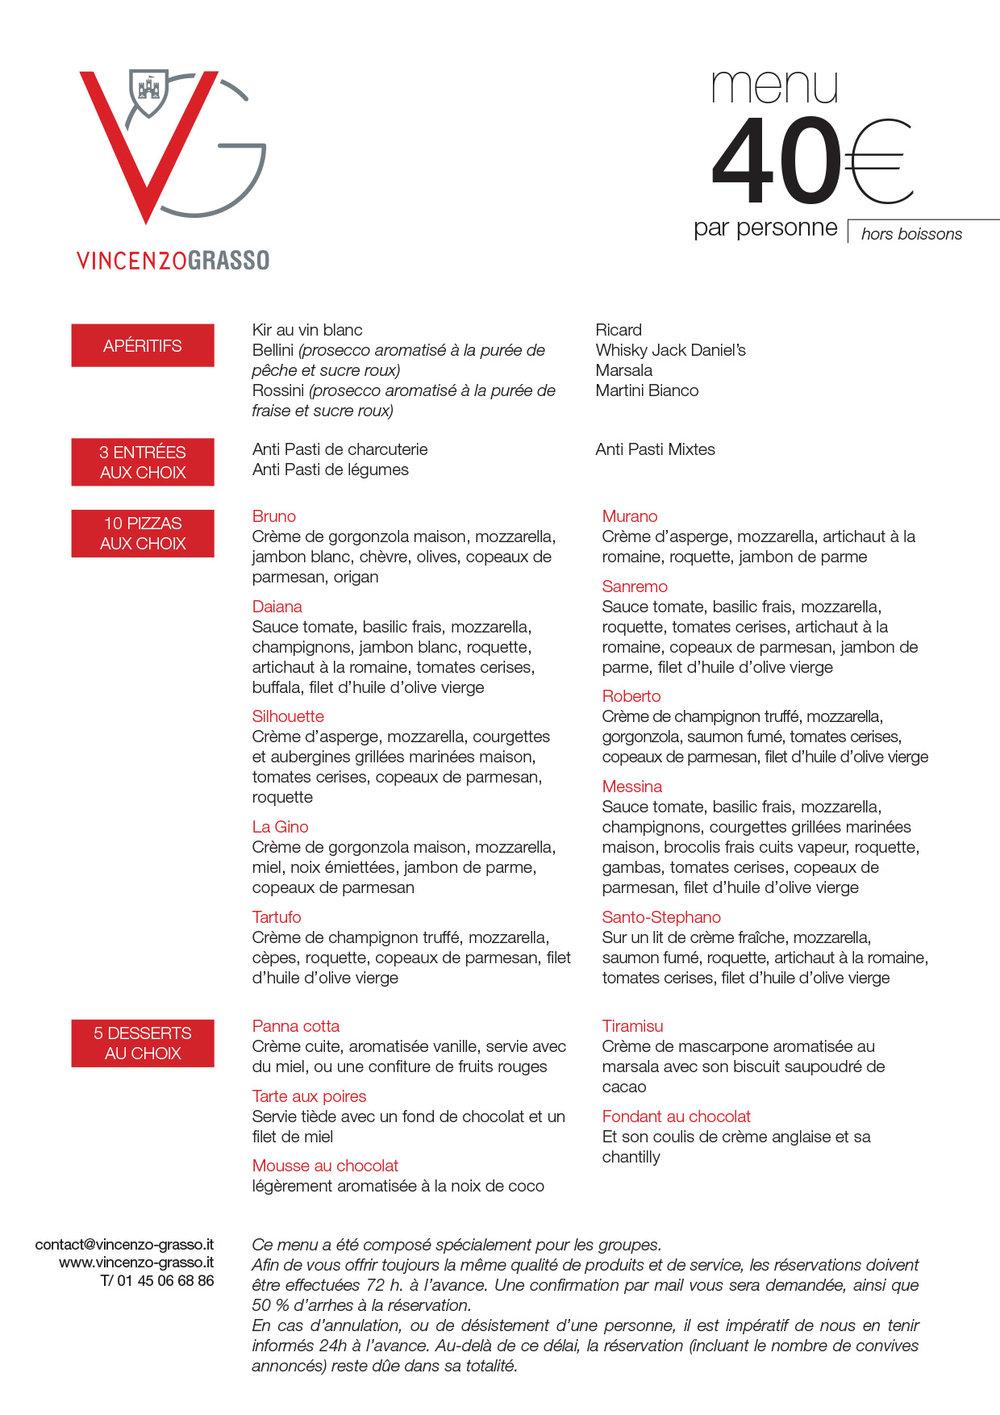 menu_40.jpg